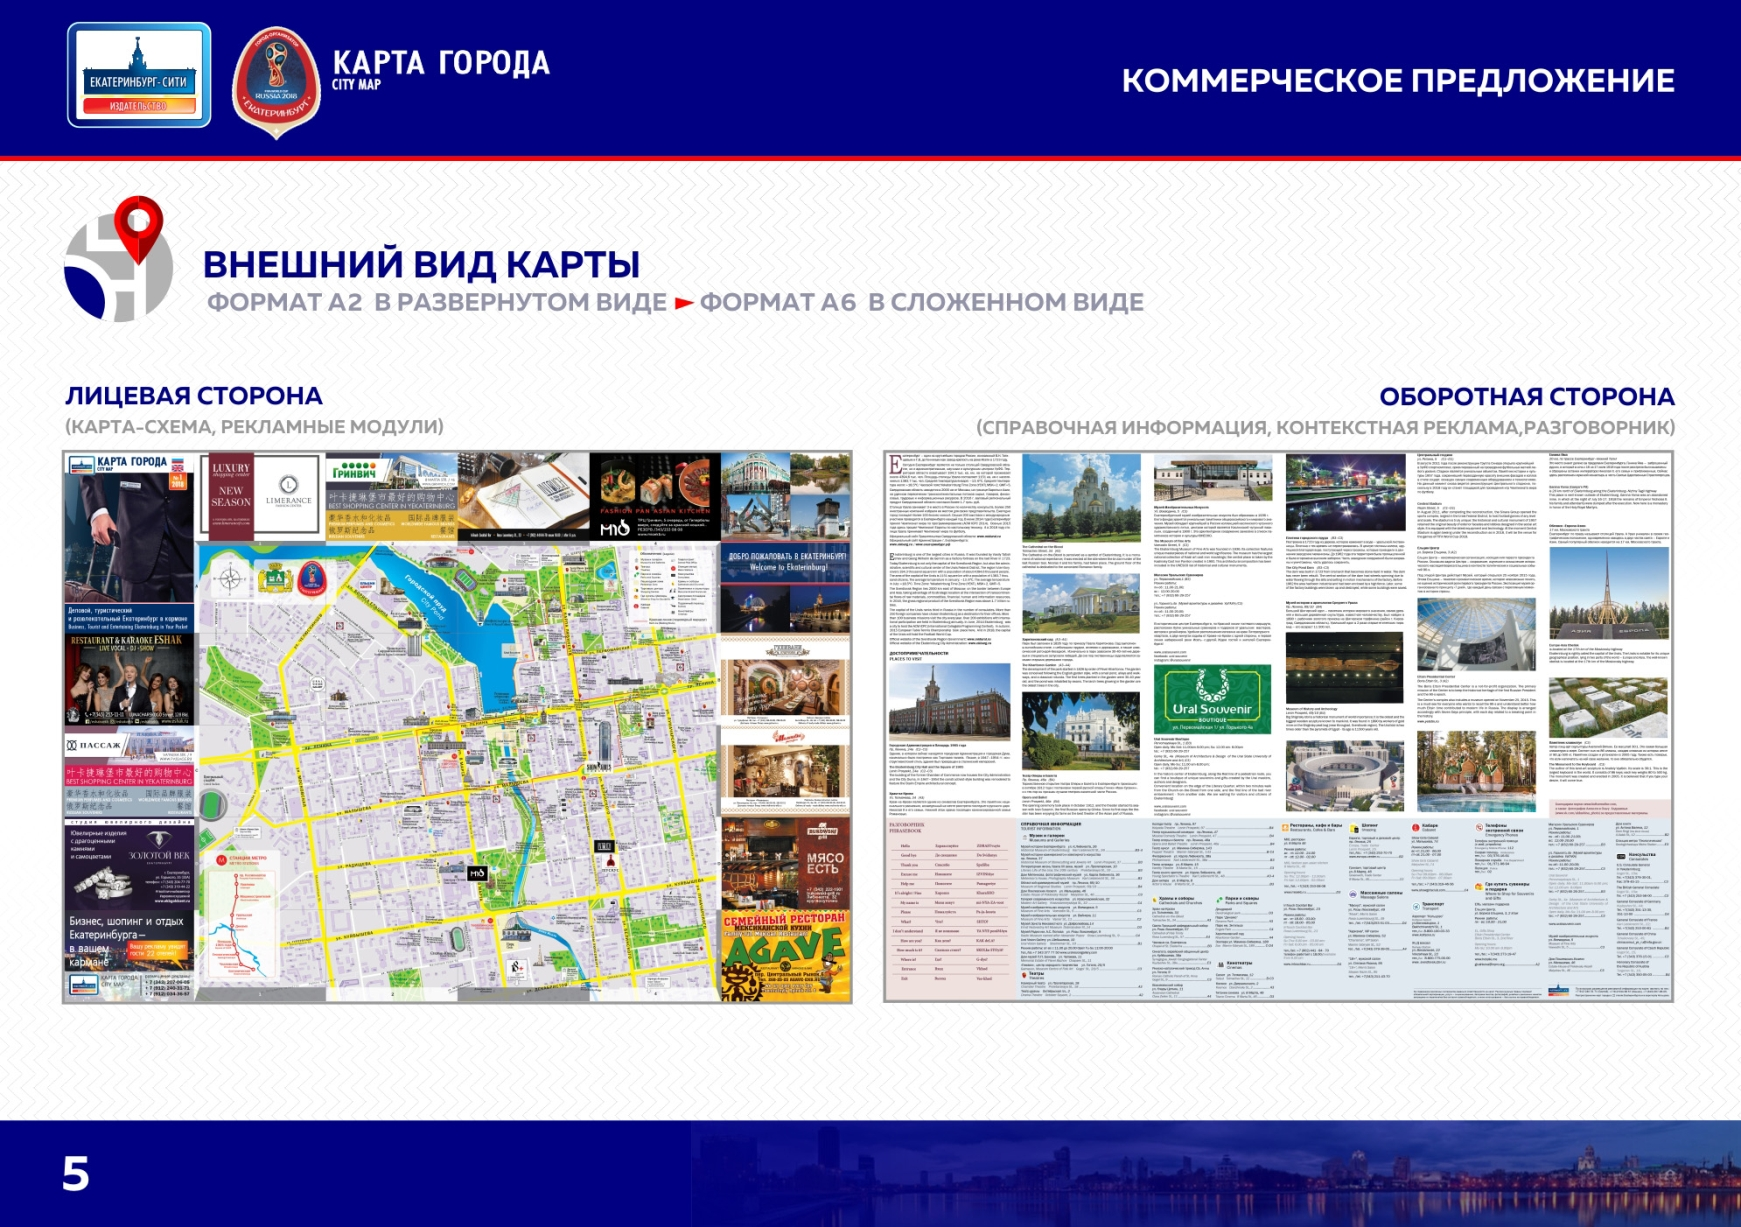 коммерческое предложение карта